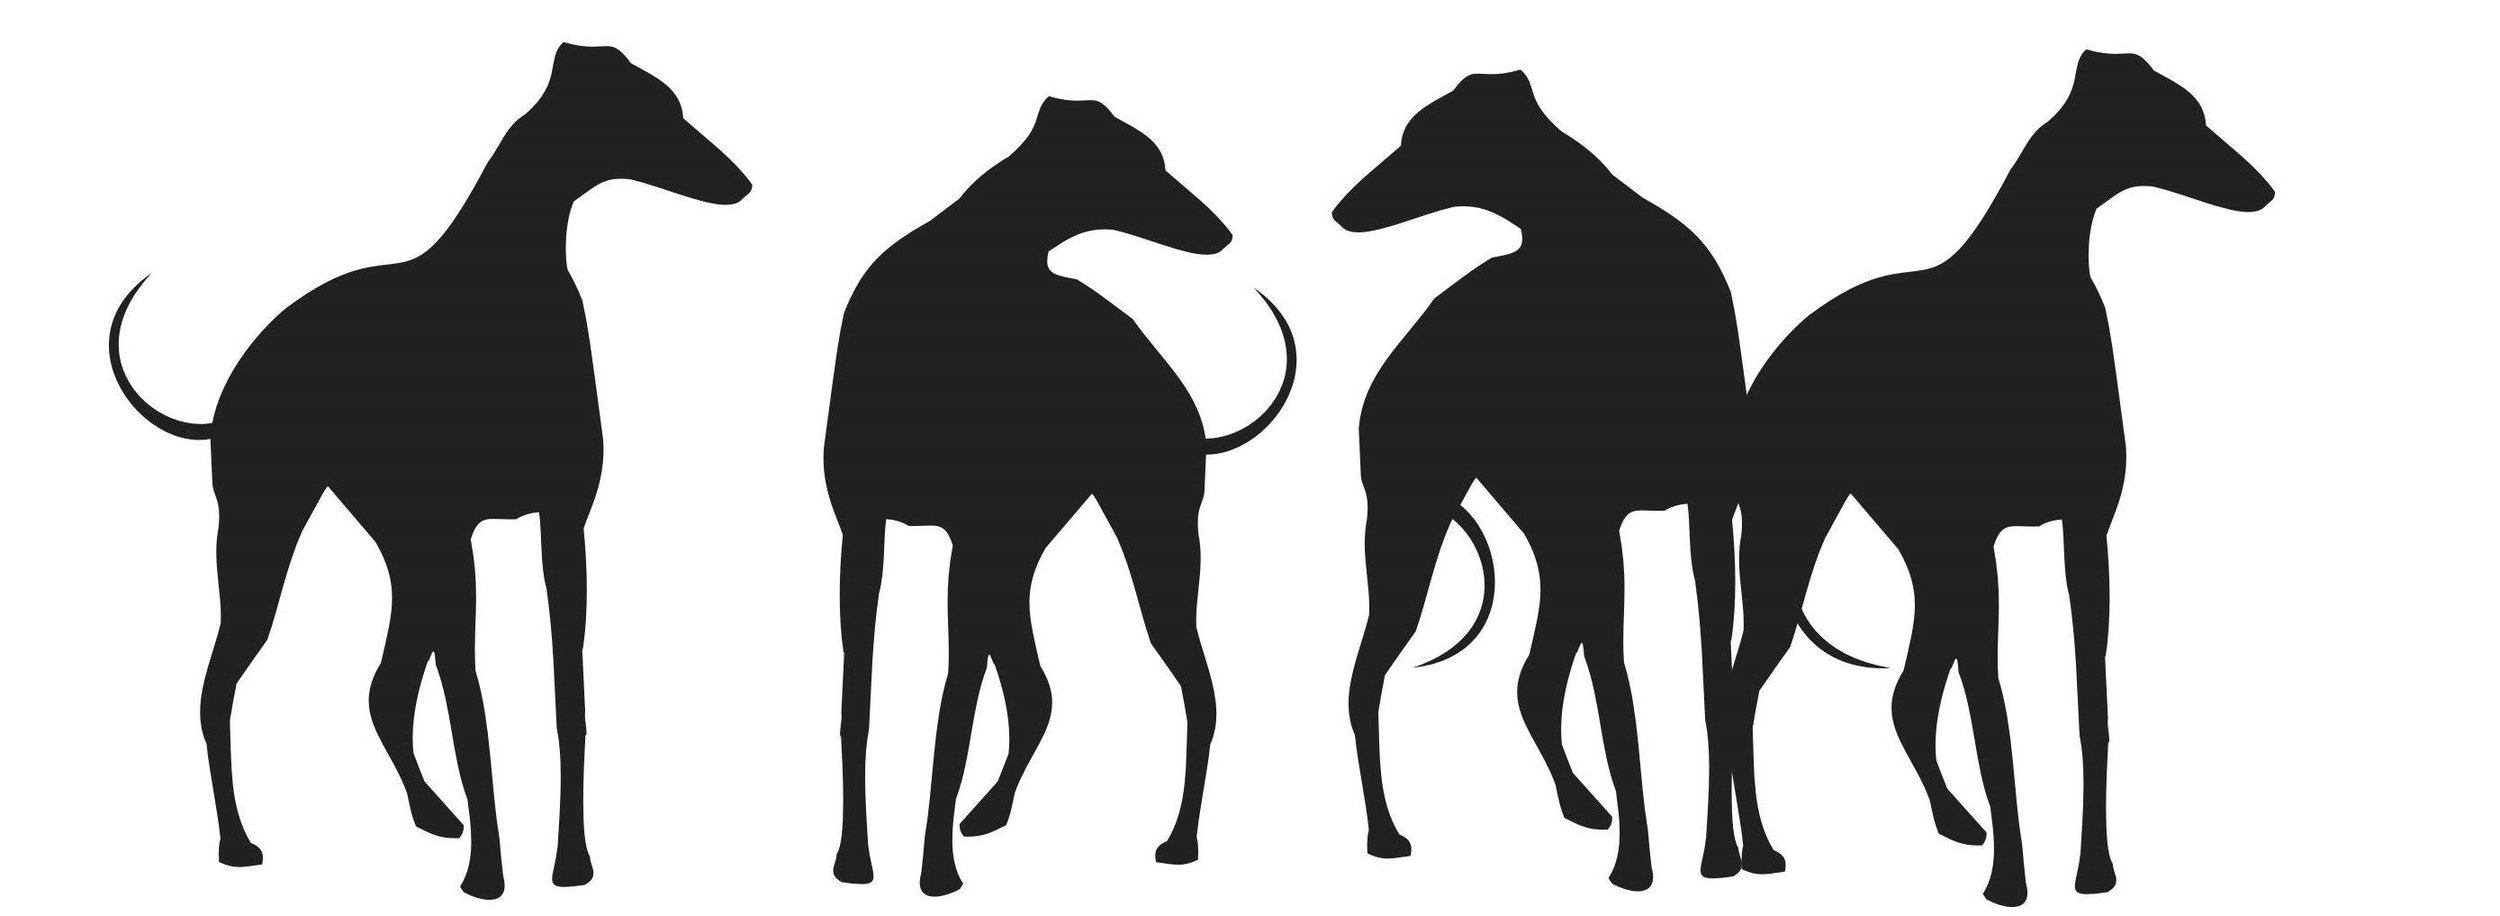 Logo - Inverted.jpg